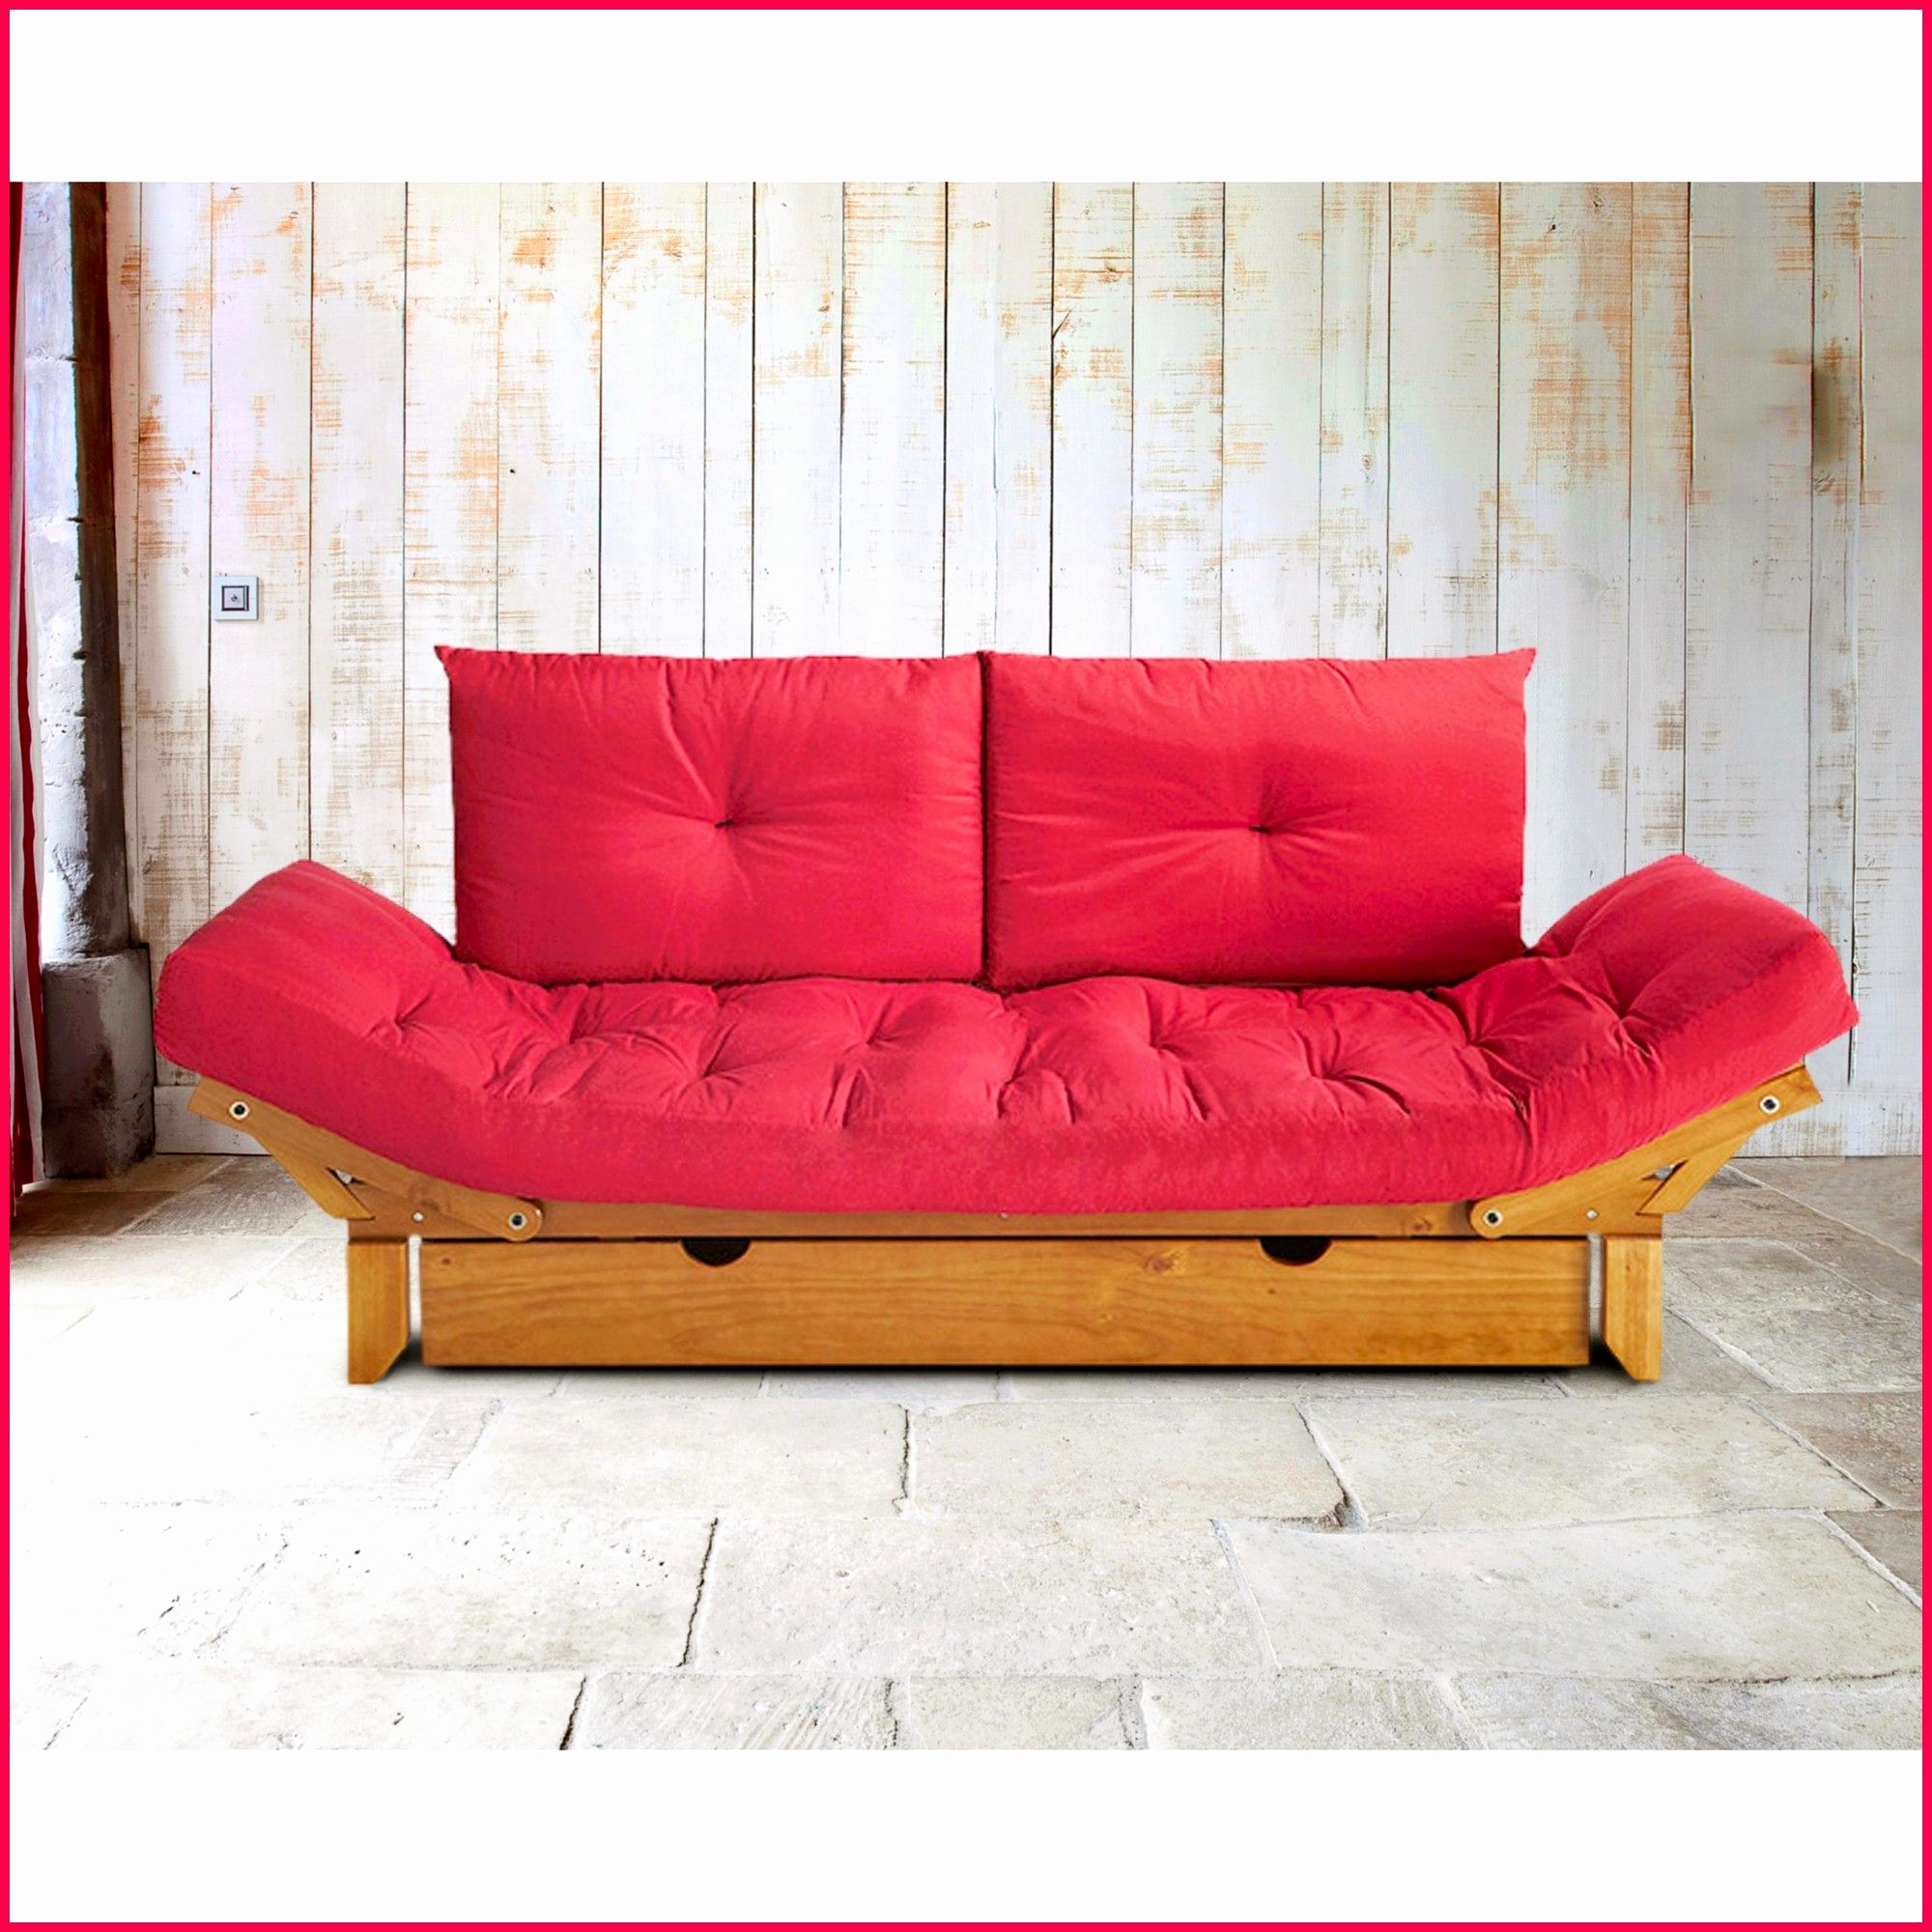 Housse Pour Bz Ikea Beau Collection Bz Ikea 2 Places élégant Bz Futon Best Matelas Banquette Bz Meilleur